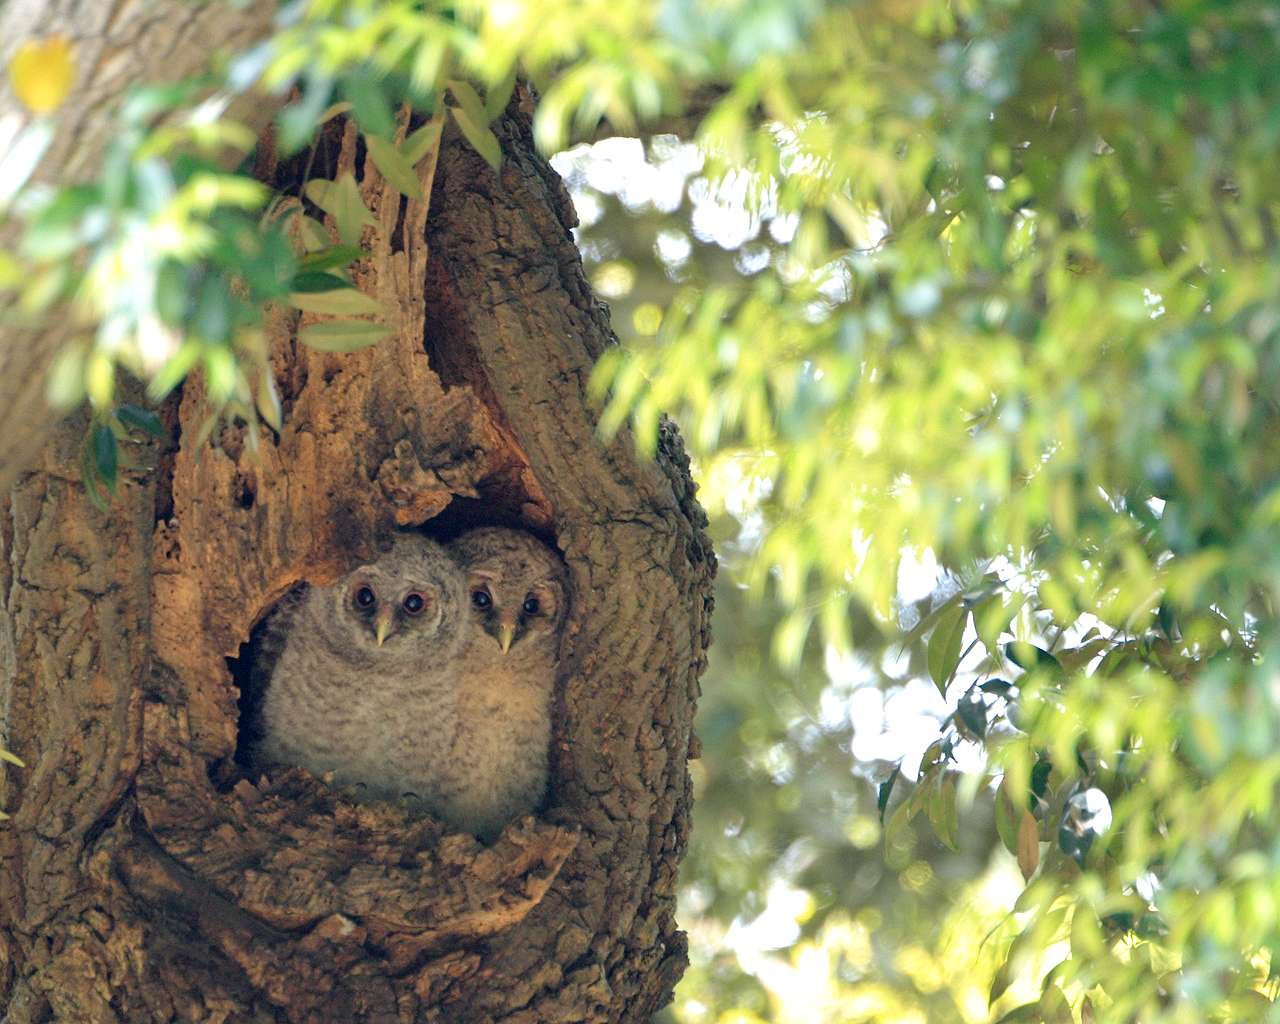 フクロウの雛その2(フクロウの雛ちゃんの可愛い壁紙です)_f0105570_9244588.jpg